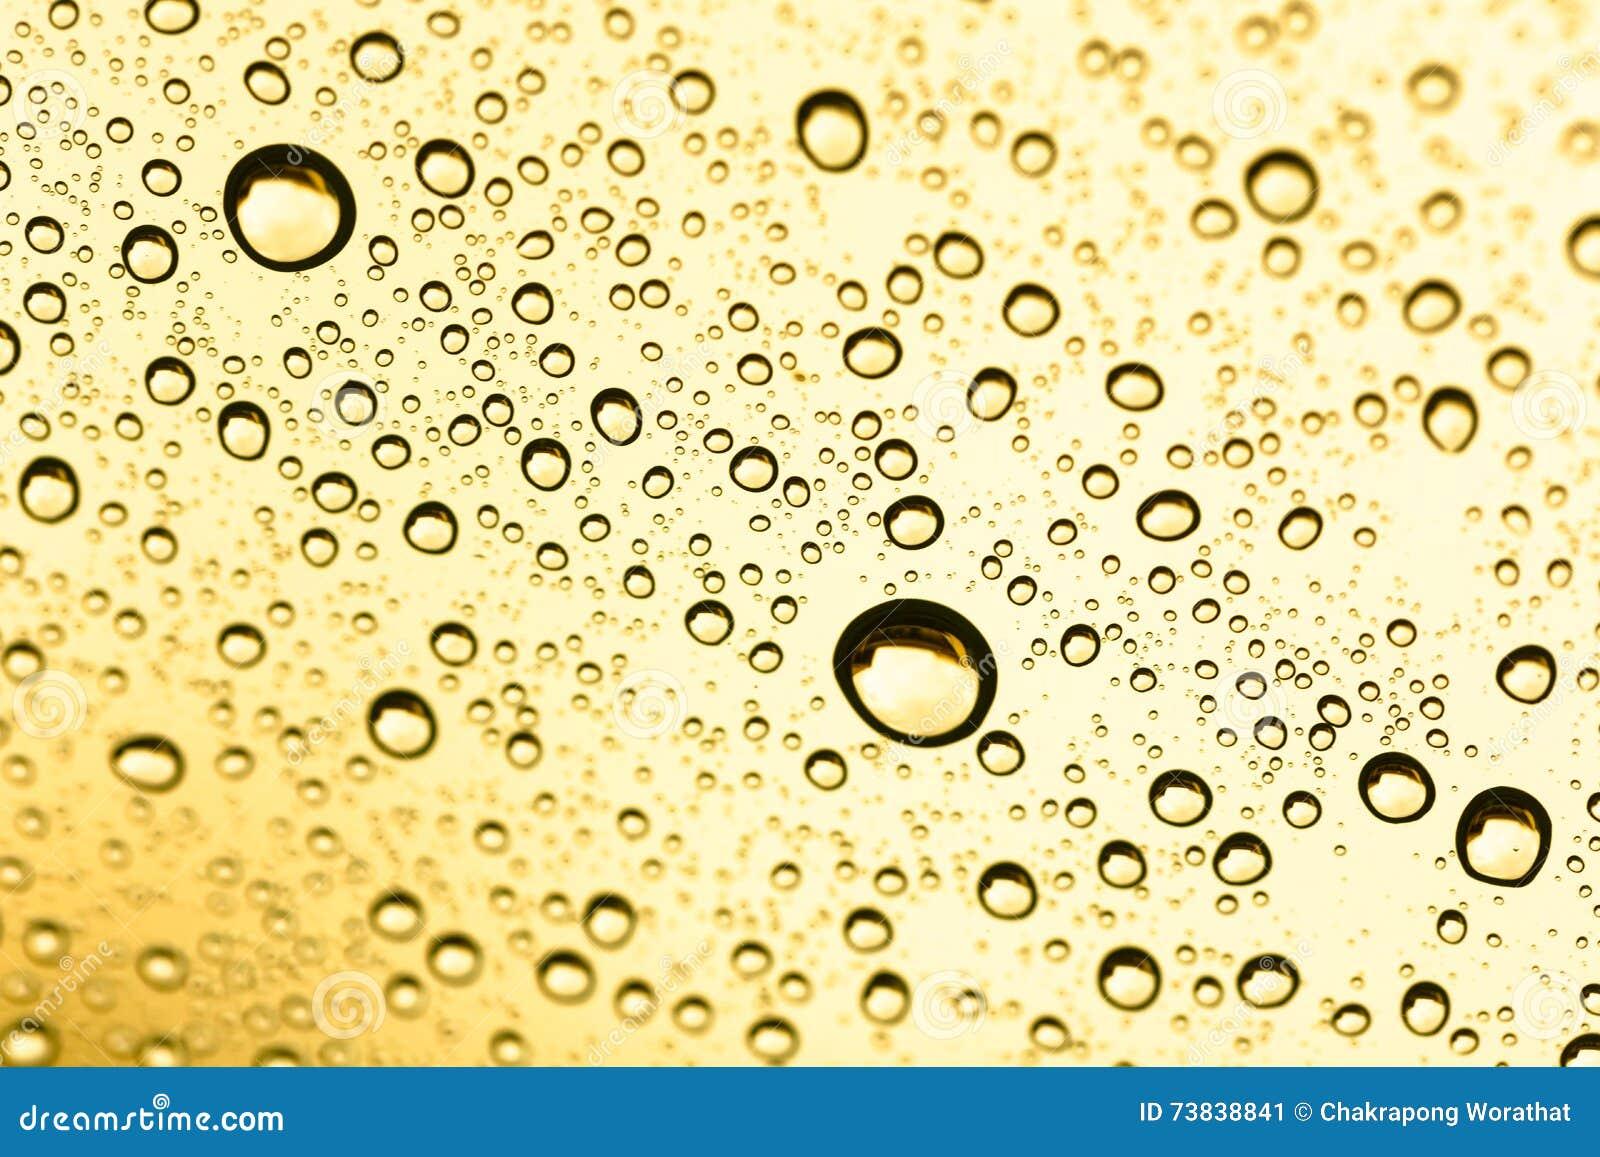 Goldener Wassertropfen unter Wasser auf Hintergrund